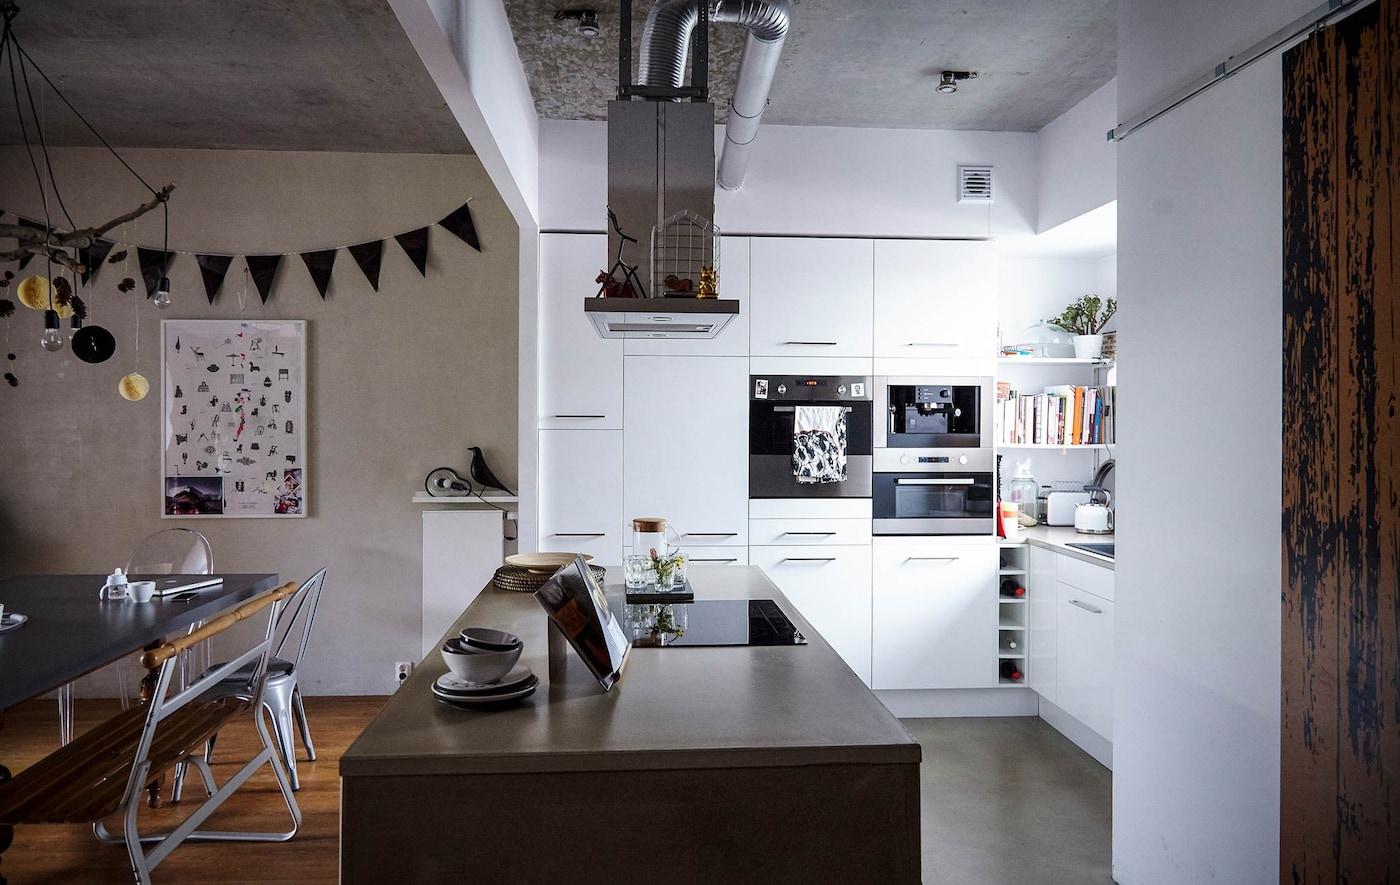 Armarios blancos y una gran isla de cocina con una encimera de hormigón en una moderna cocina blanca.